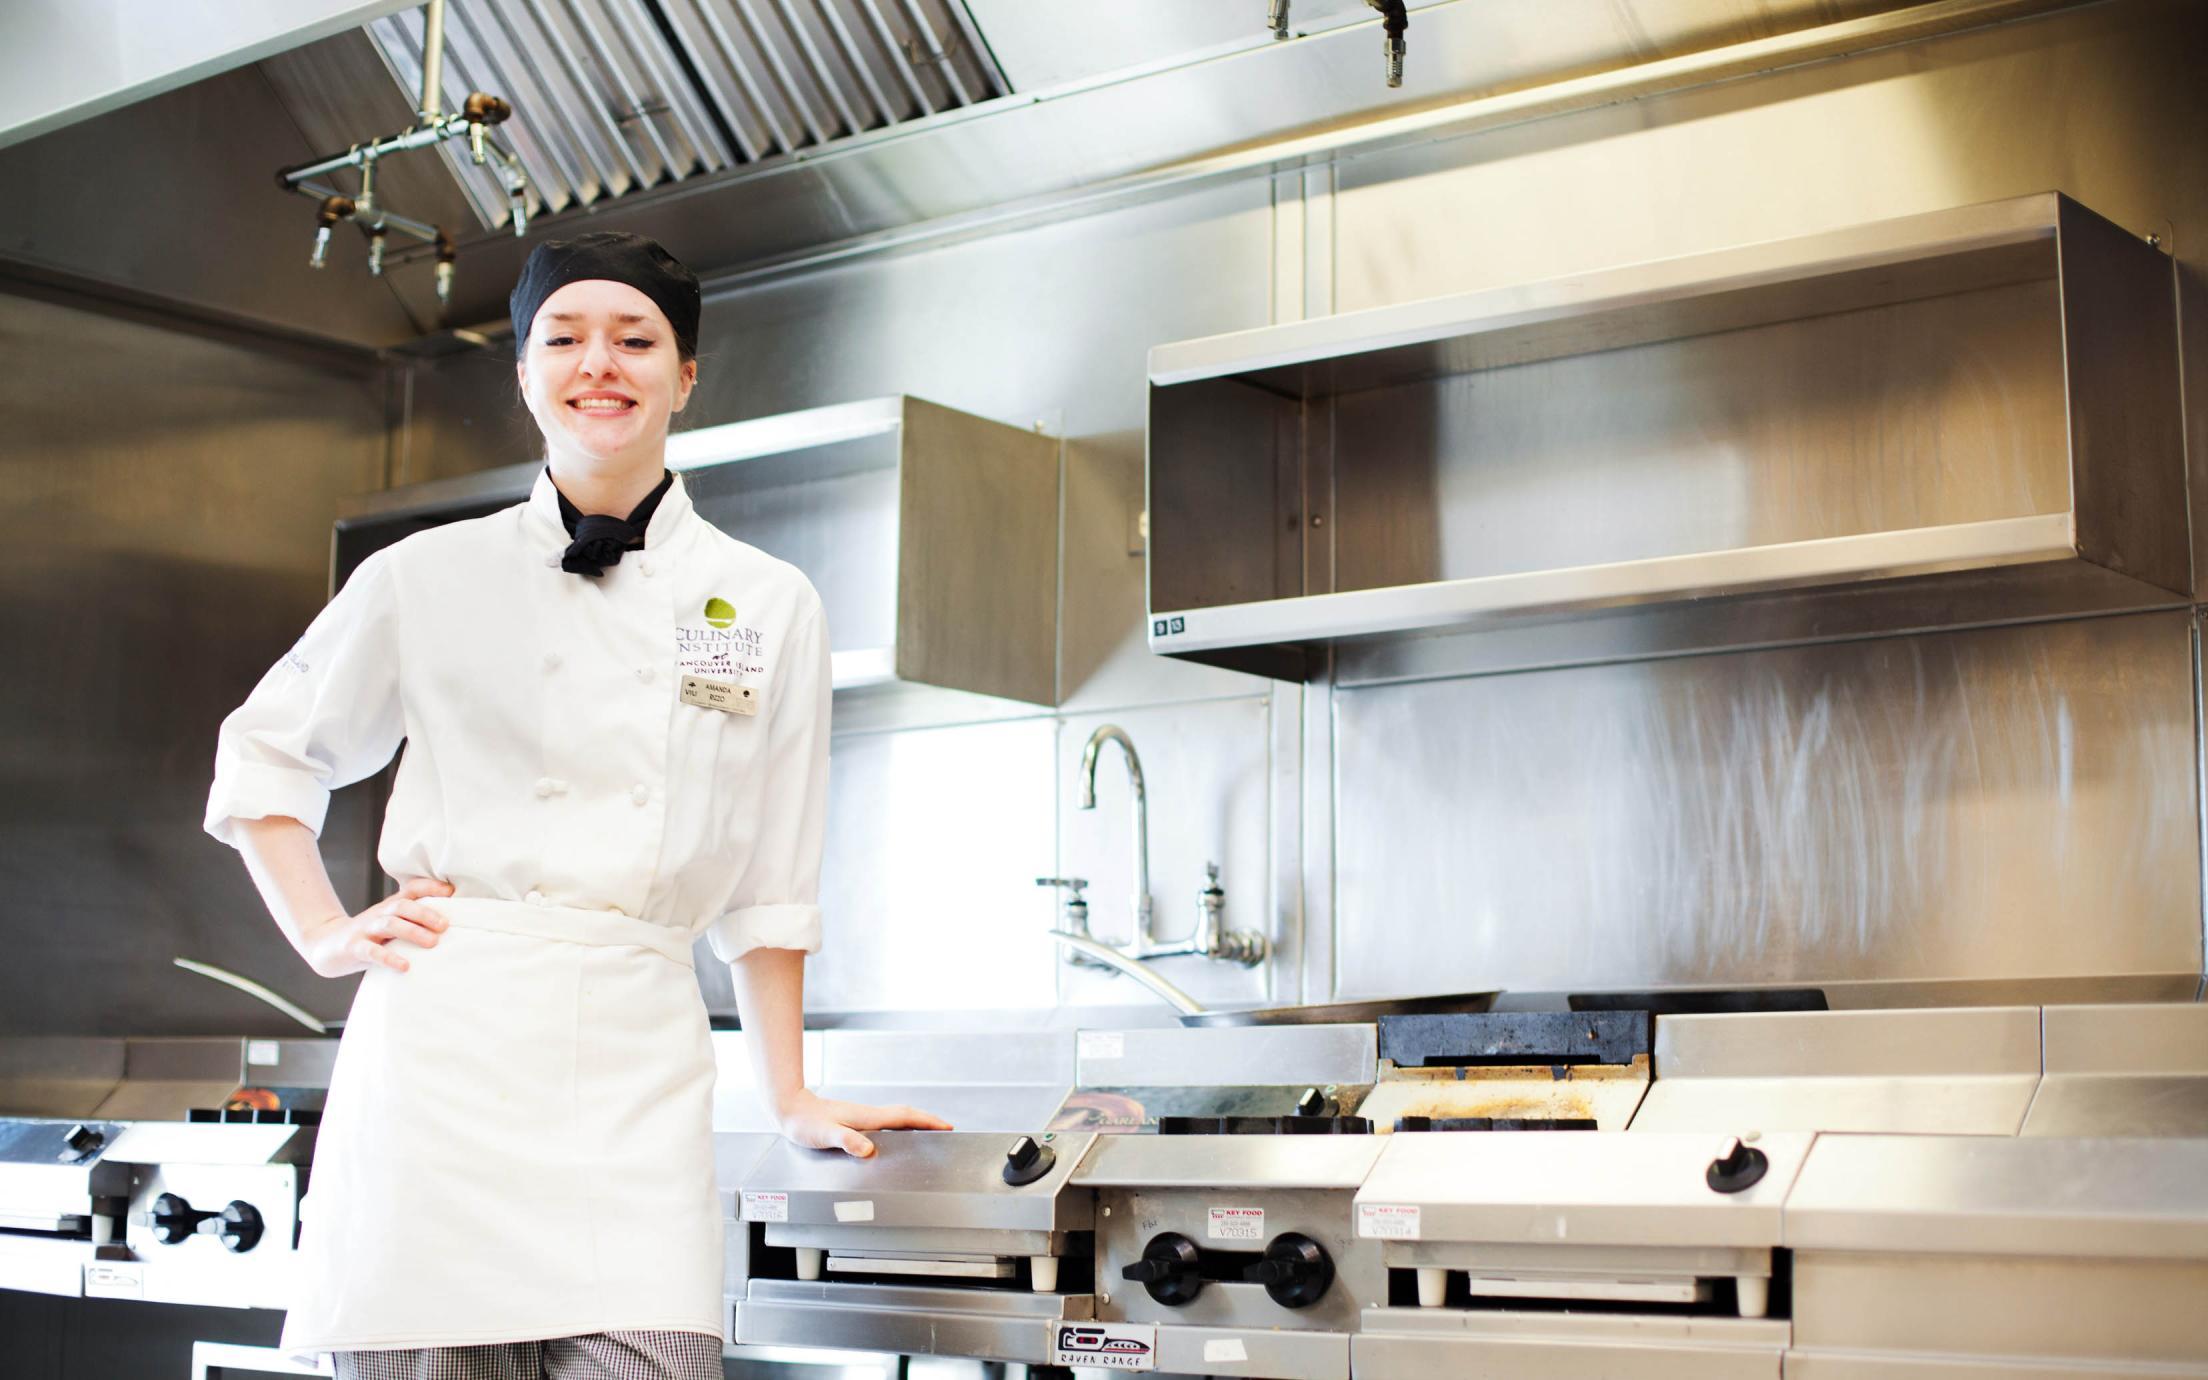 Culinary Management Diploma Student, Amanda Rizzo, at VIU's Culinary Campus